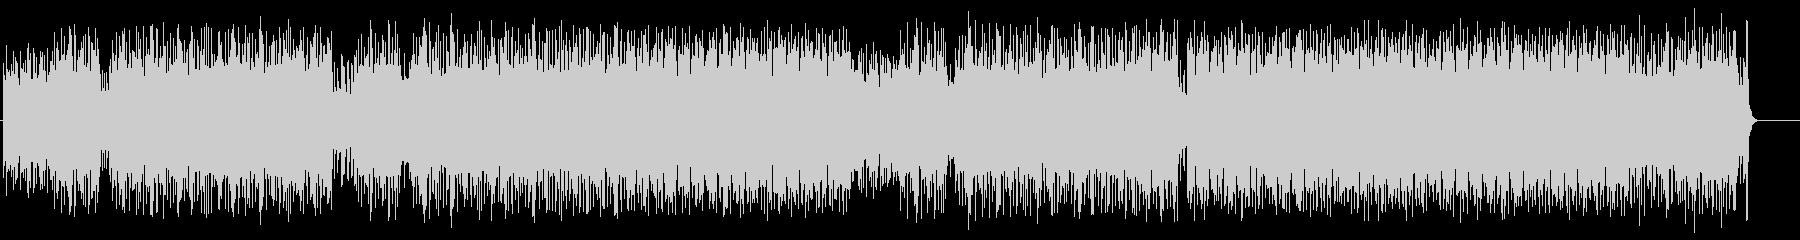 キャッチーなテクノポップ(フルサイズ)の未再生の波形